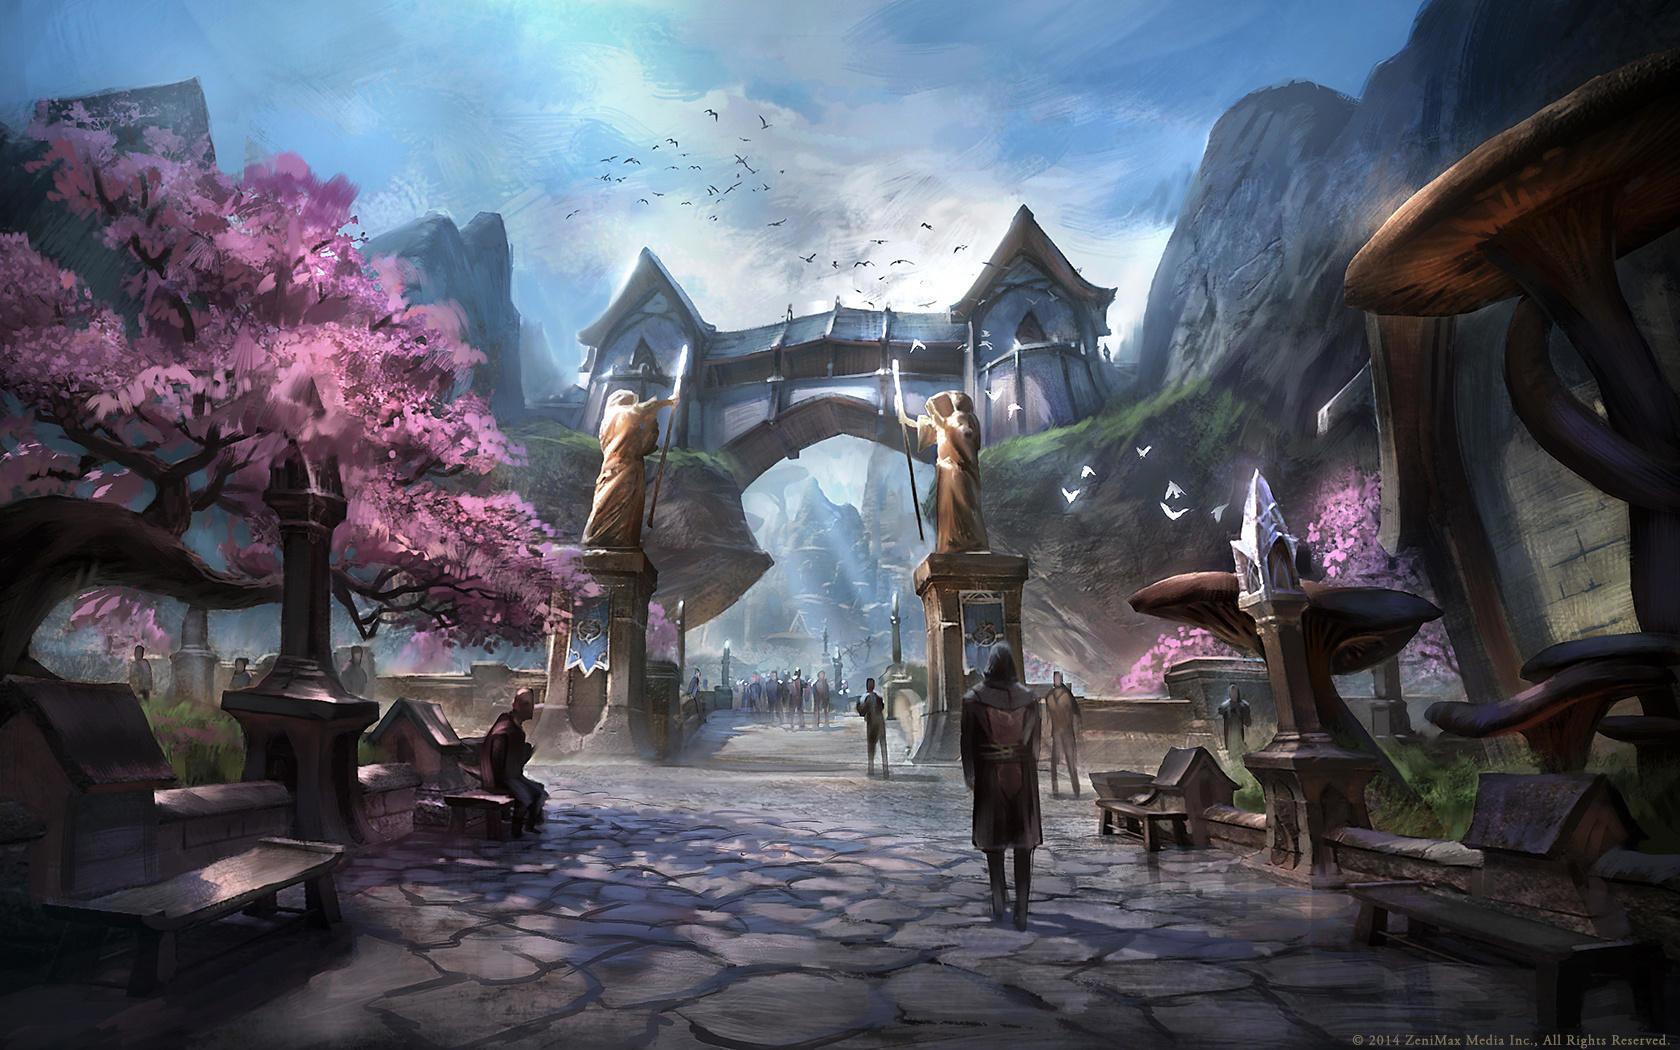 Hd Desktop Backgrounds 1680x1050: The Elder Scrolls Online Wallpapers 1680x1050 Desktop